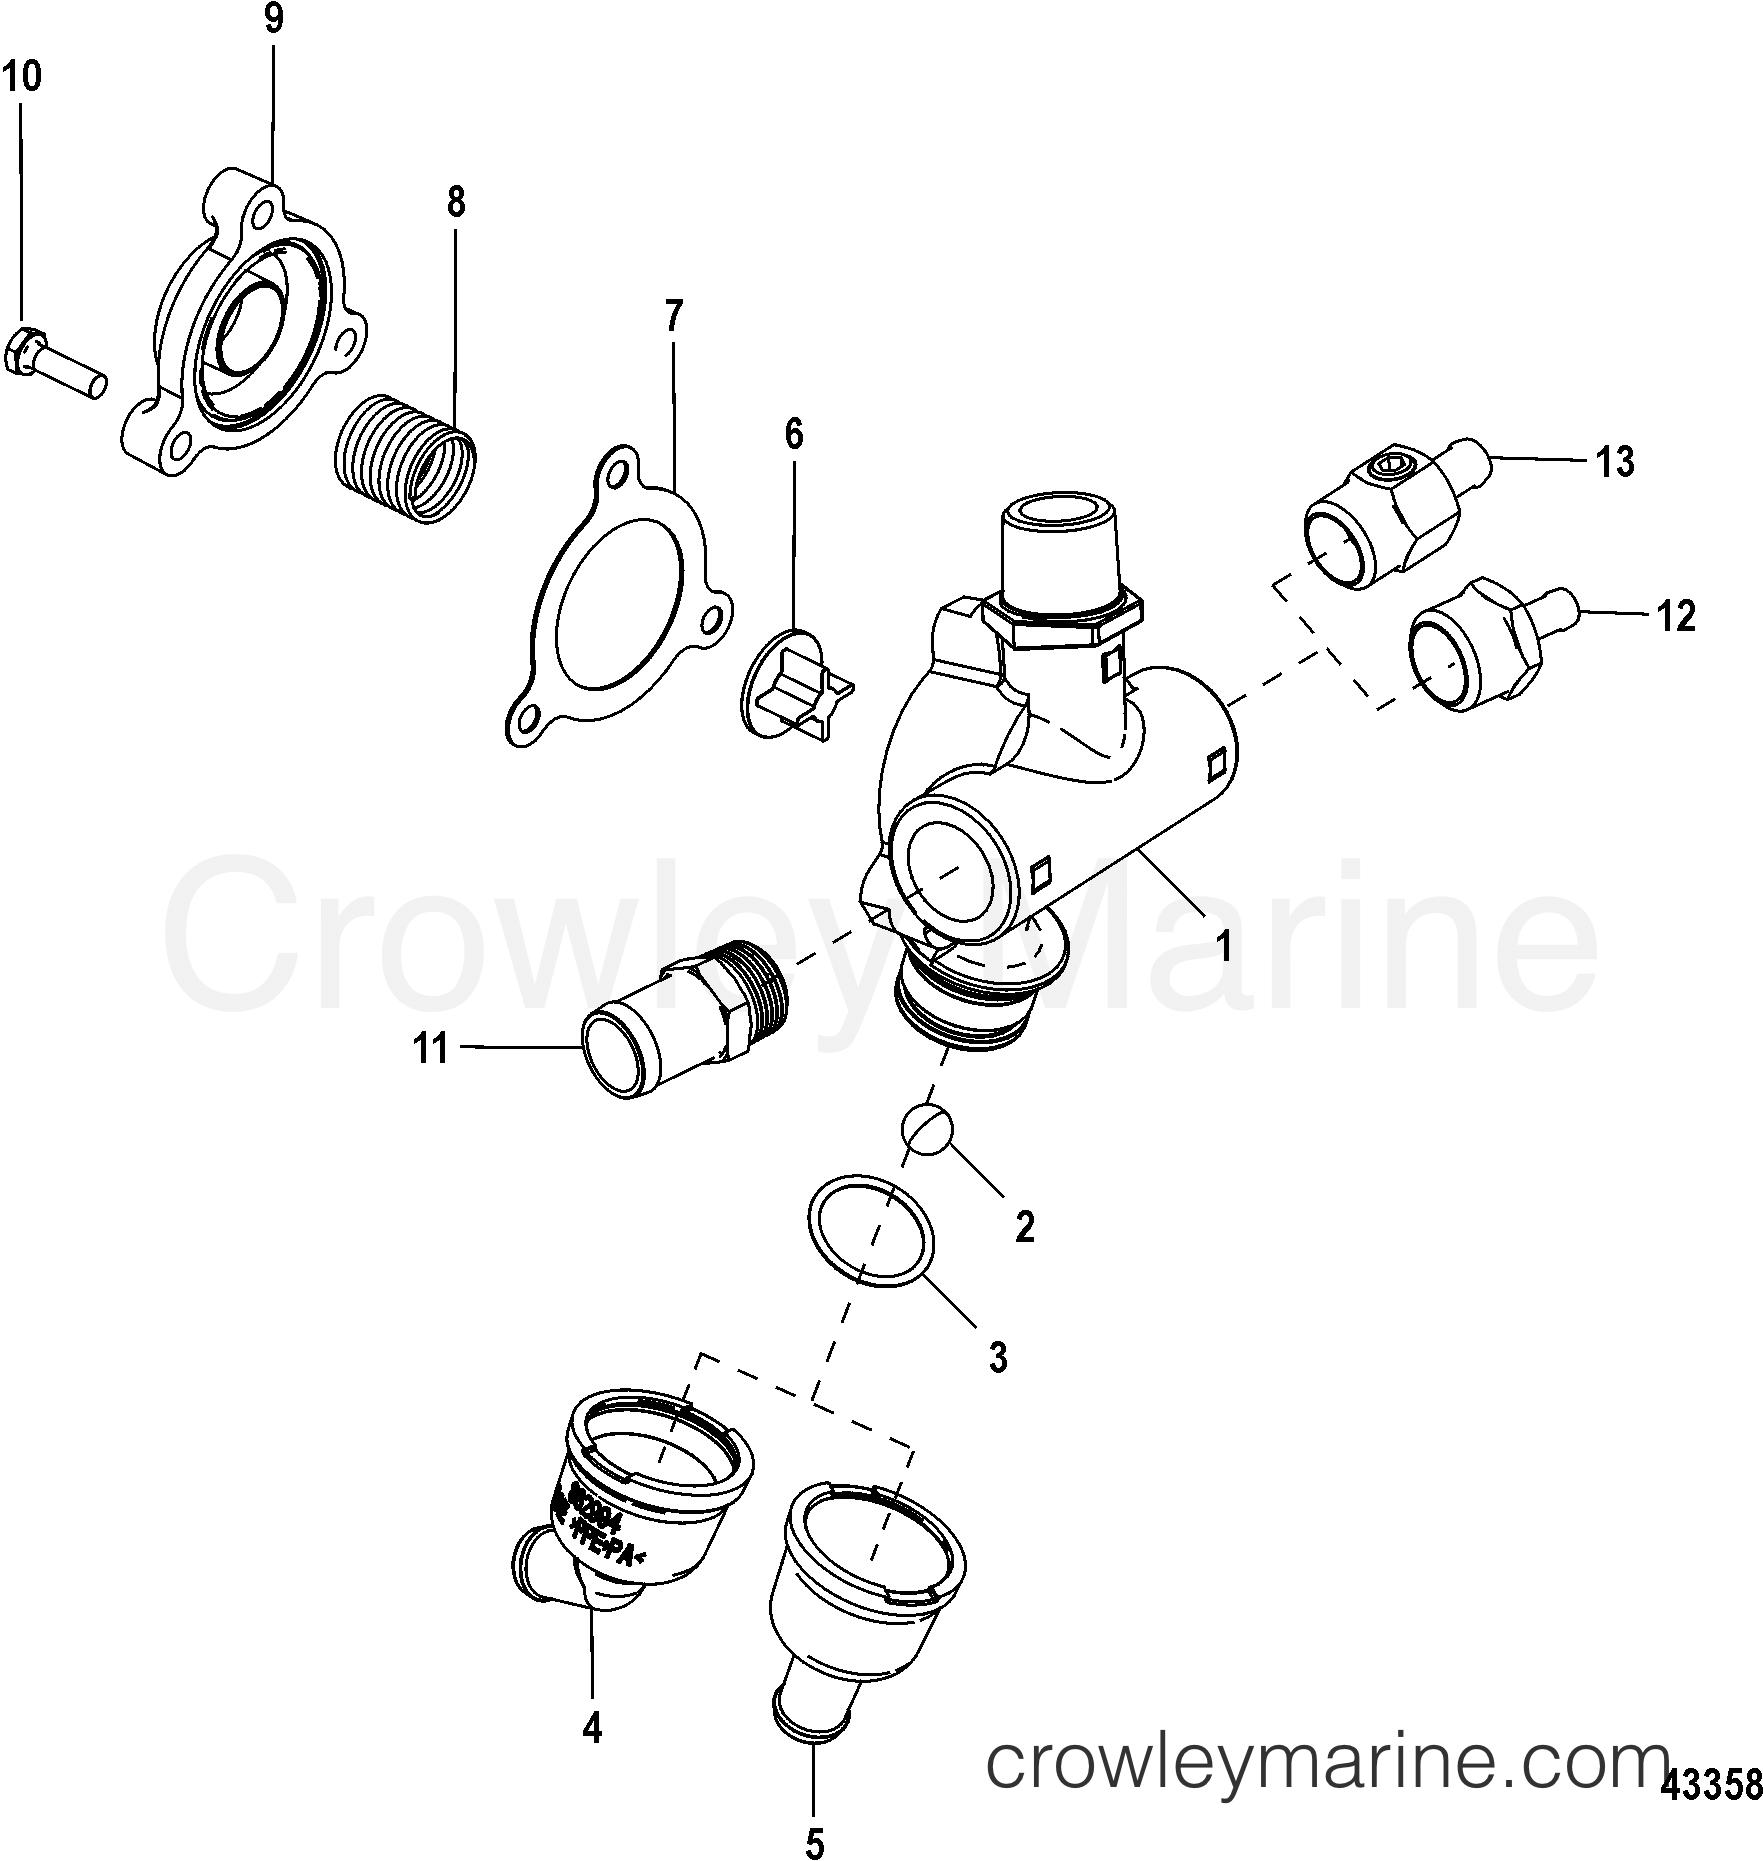 poppet valve assembly